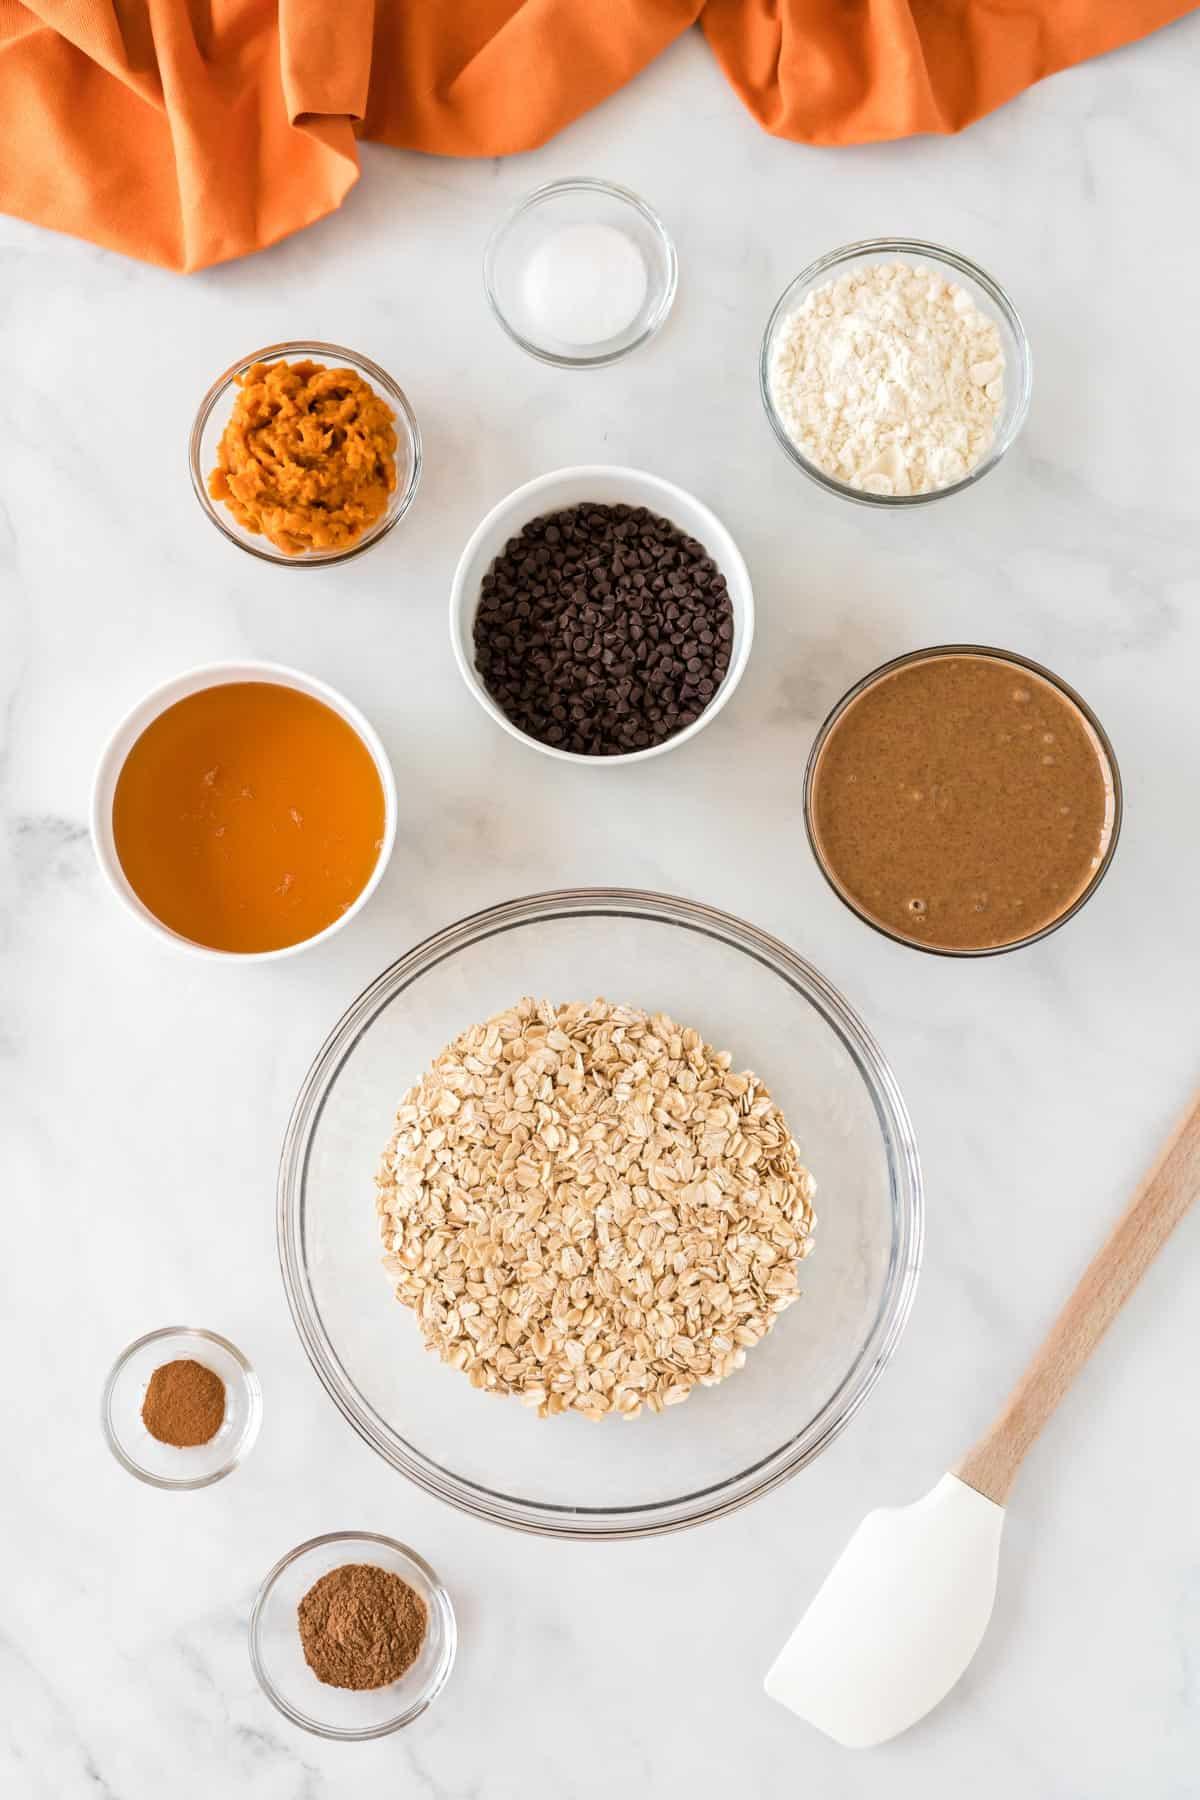 ingredients to make pumpkin energy balls